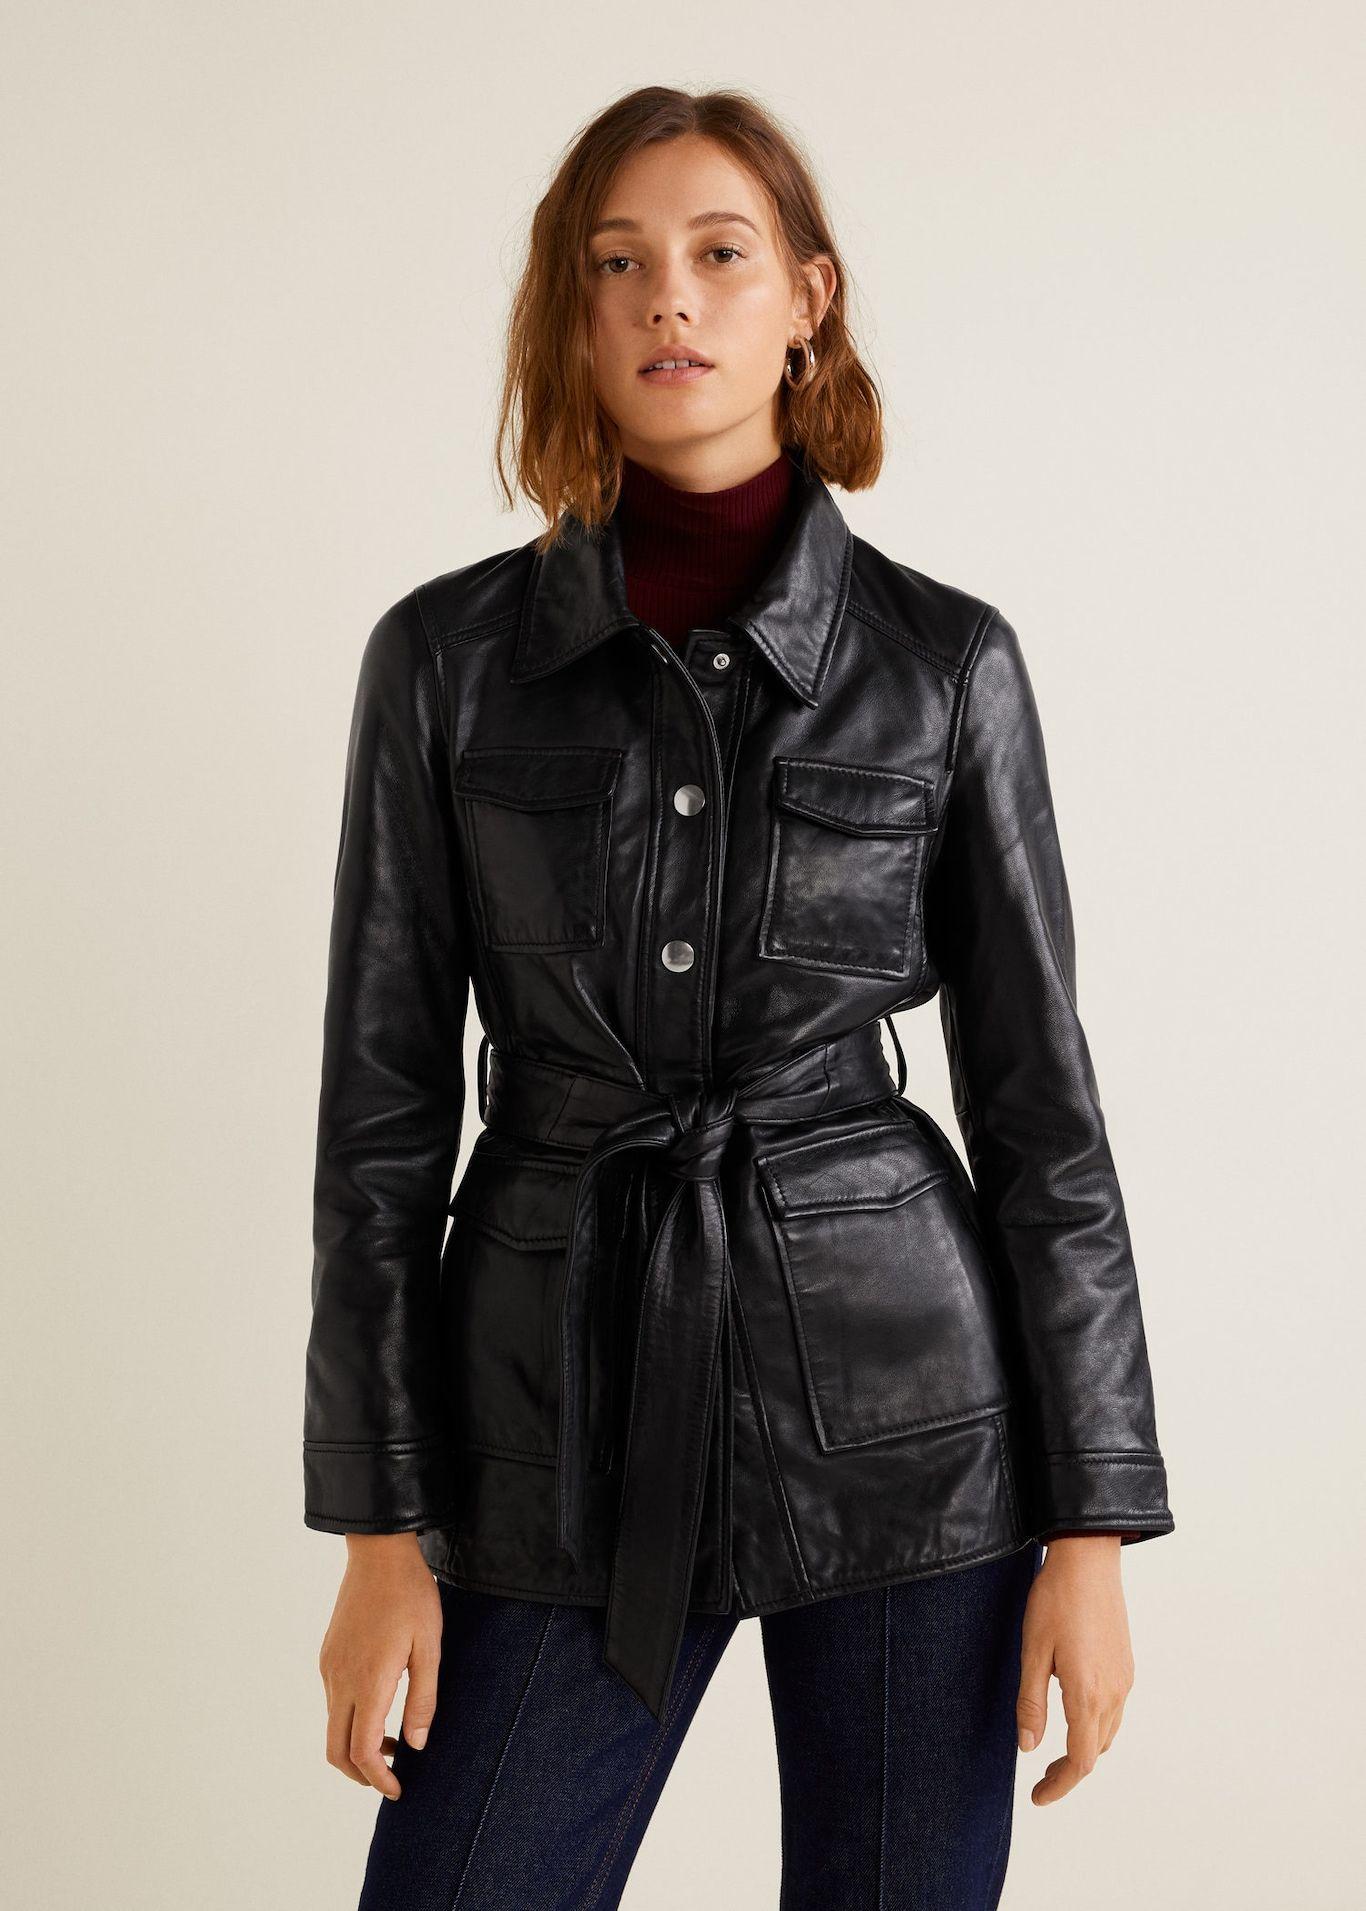 Pockets leather jacket Women Läderjacka, Damjackor